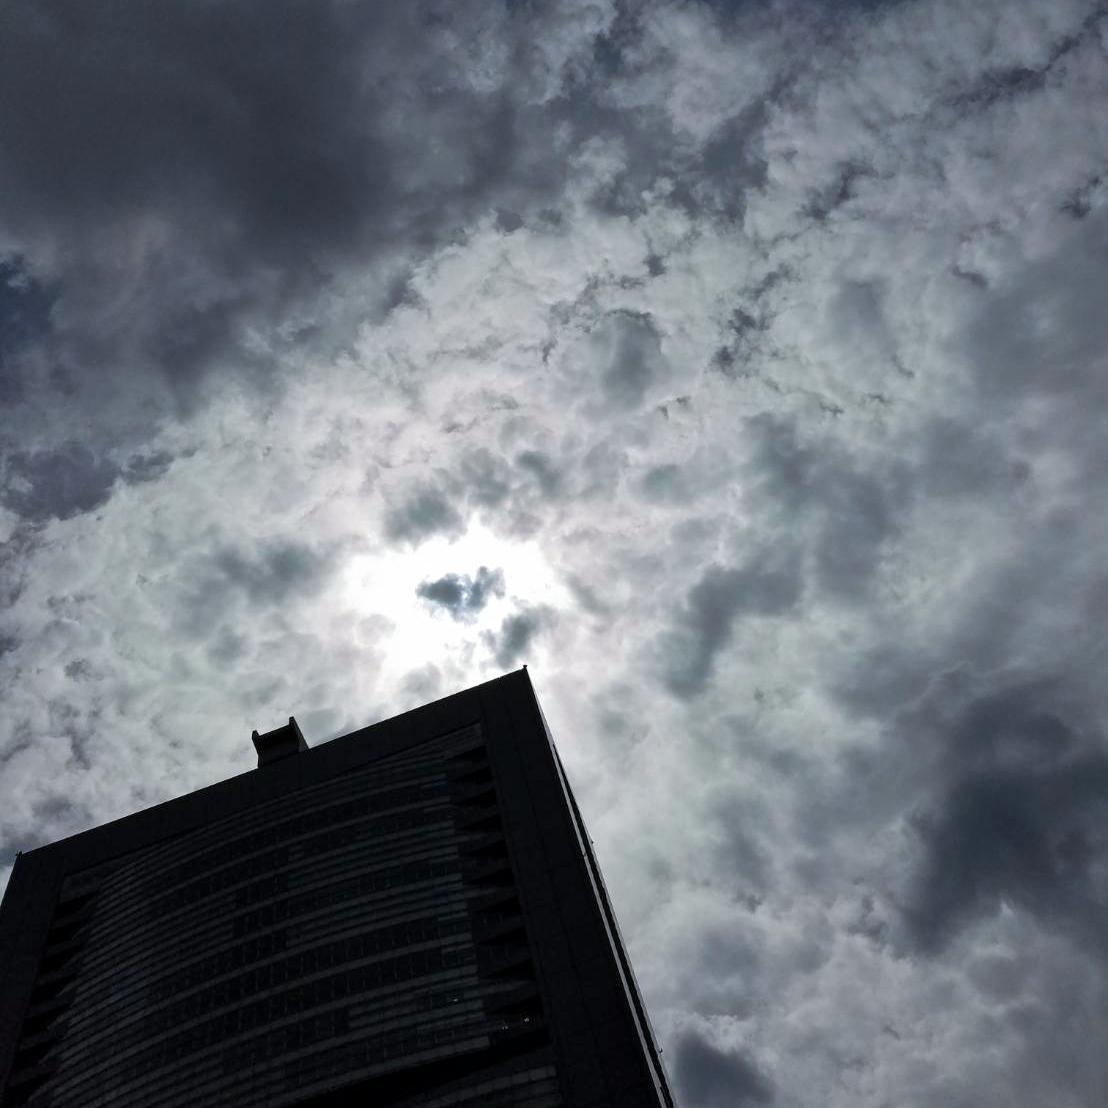 雲がかかった空の様子